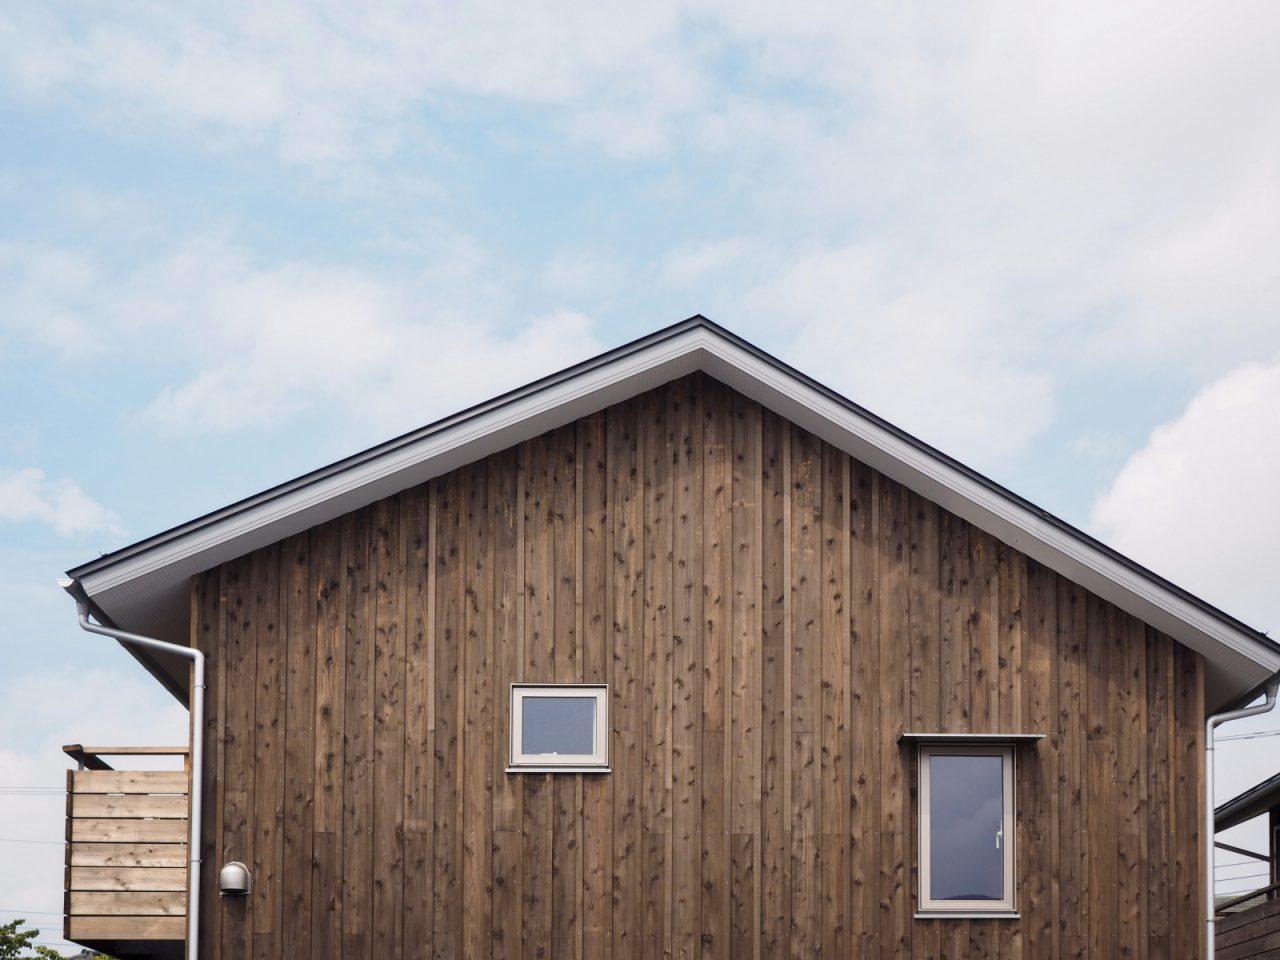 総板張りの家が建ち並ぶ様子は印象的です。